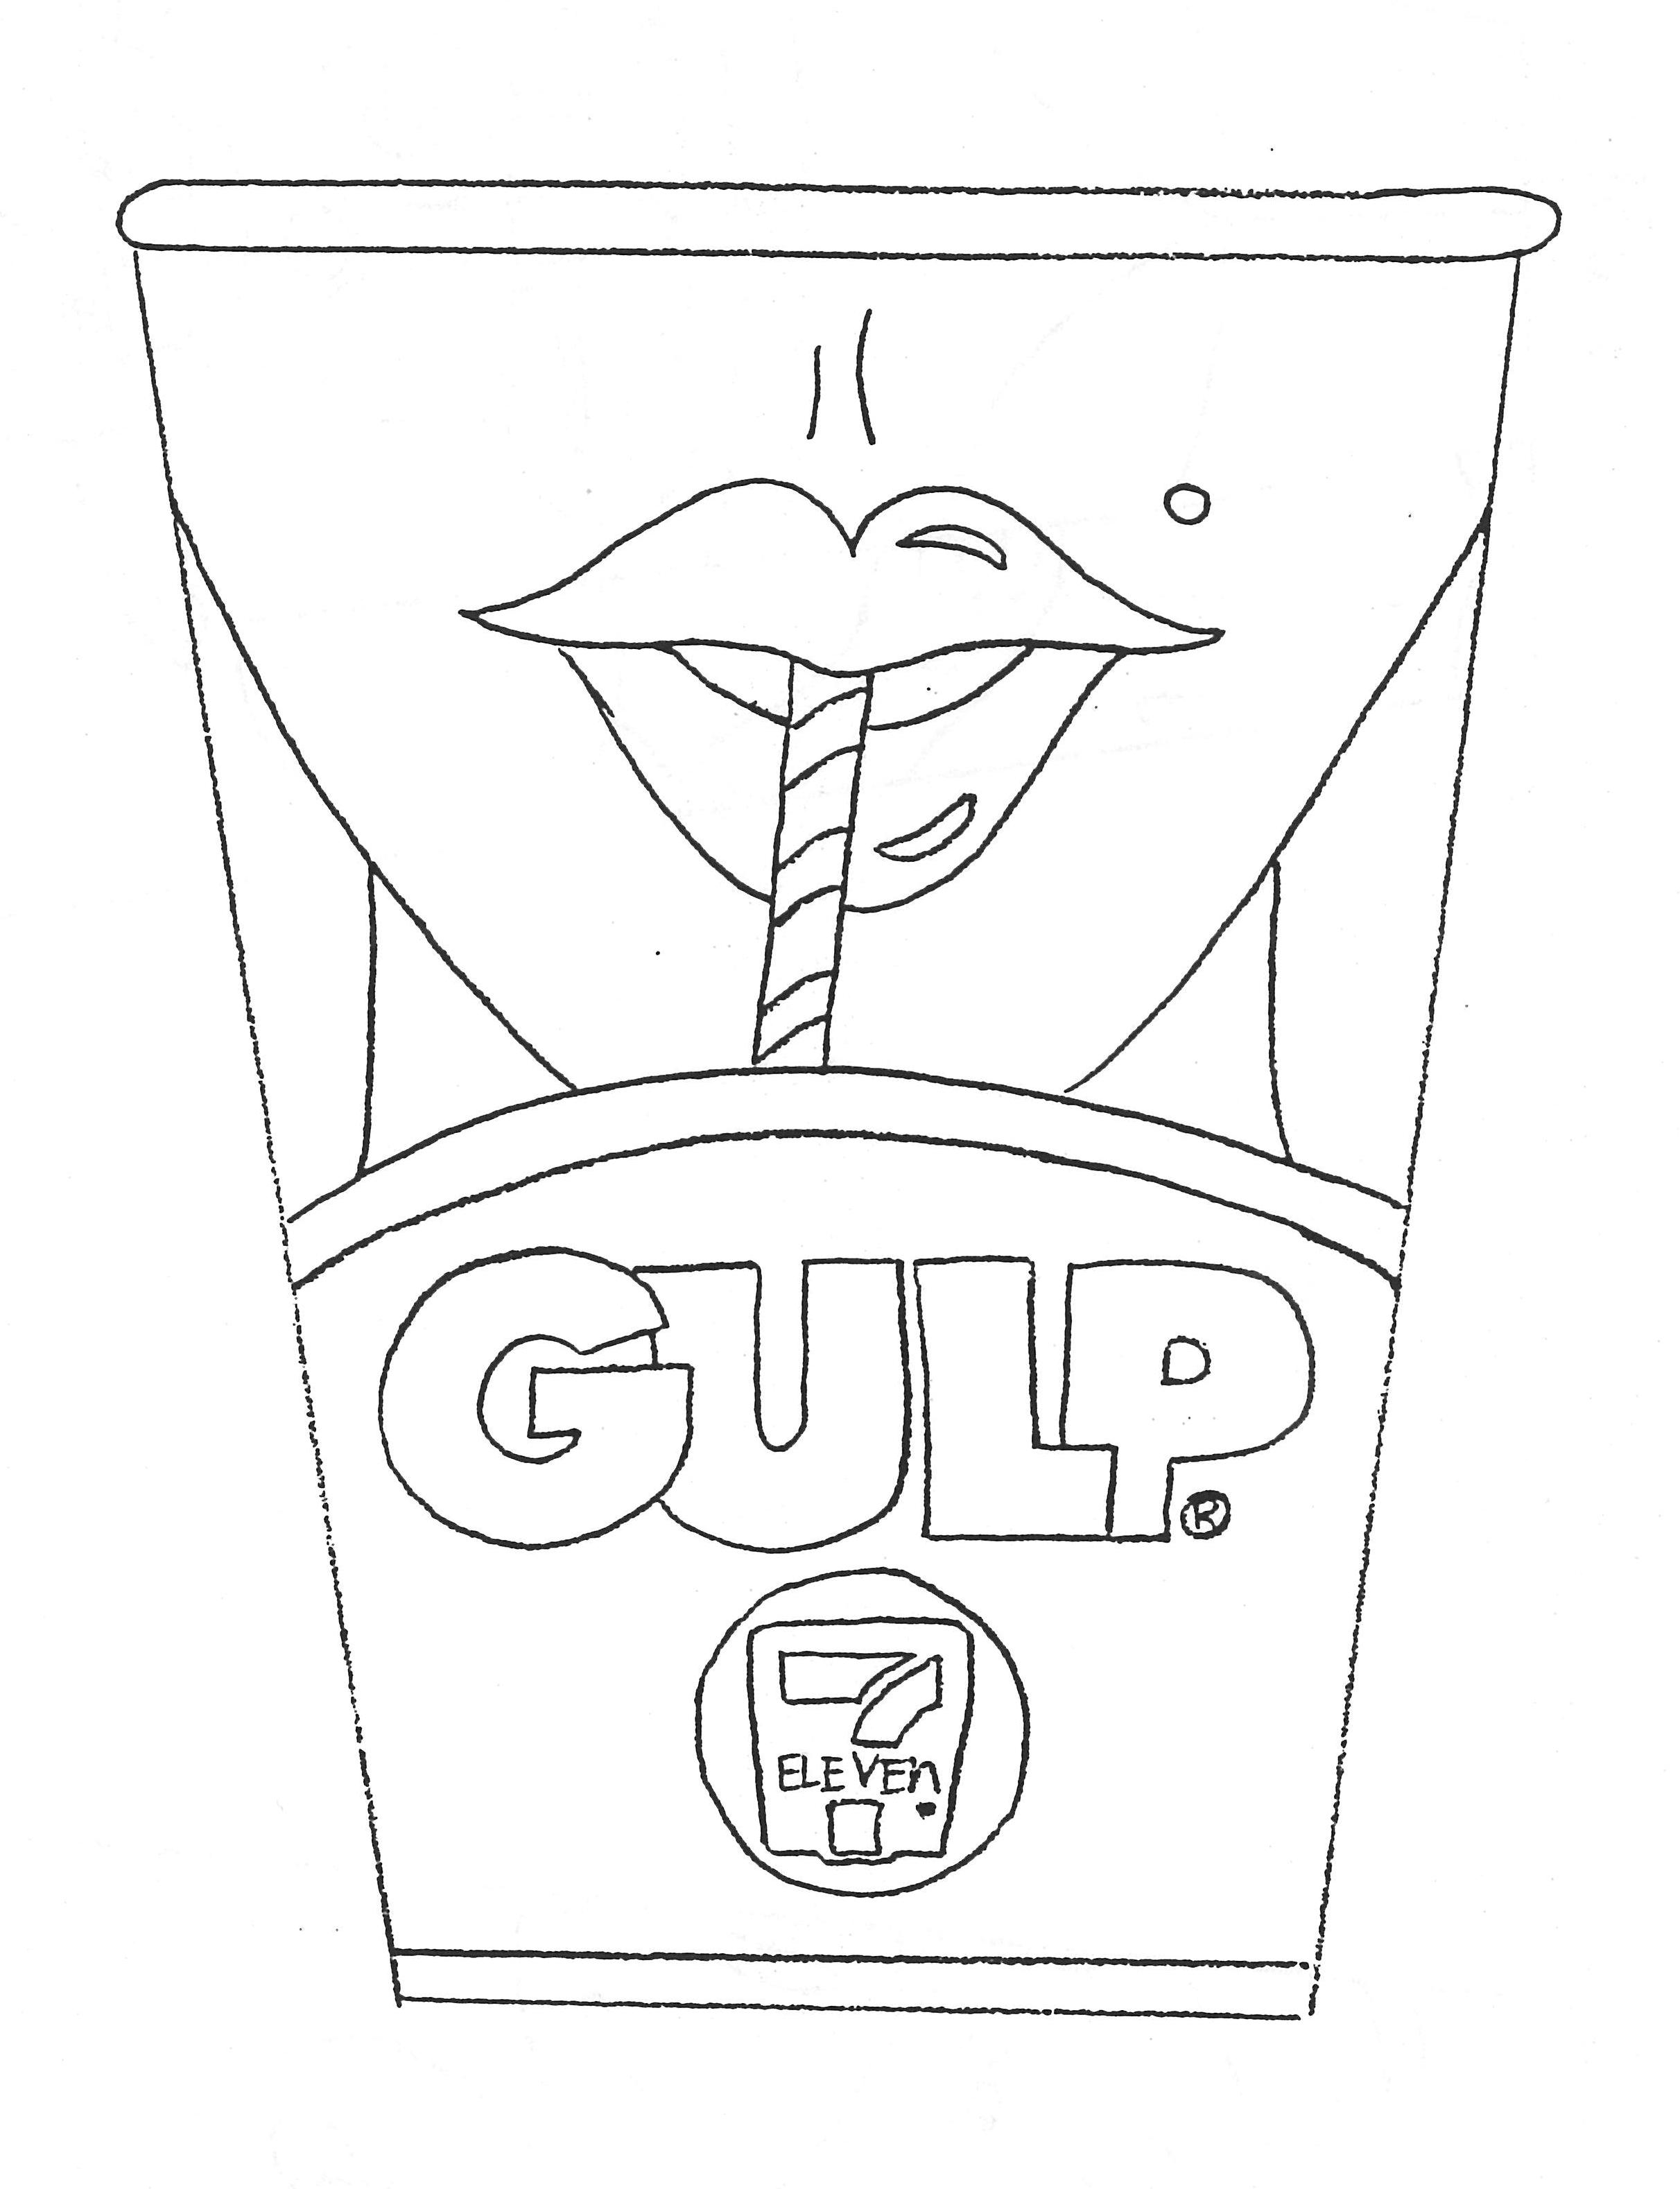 Gulp cup sketch